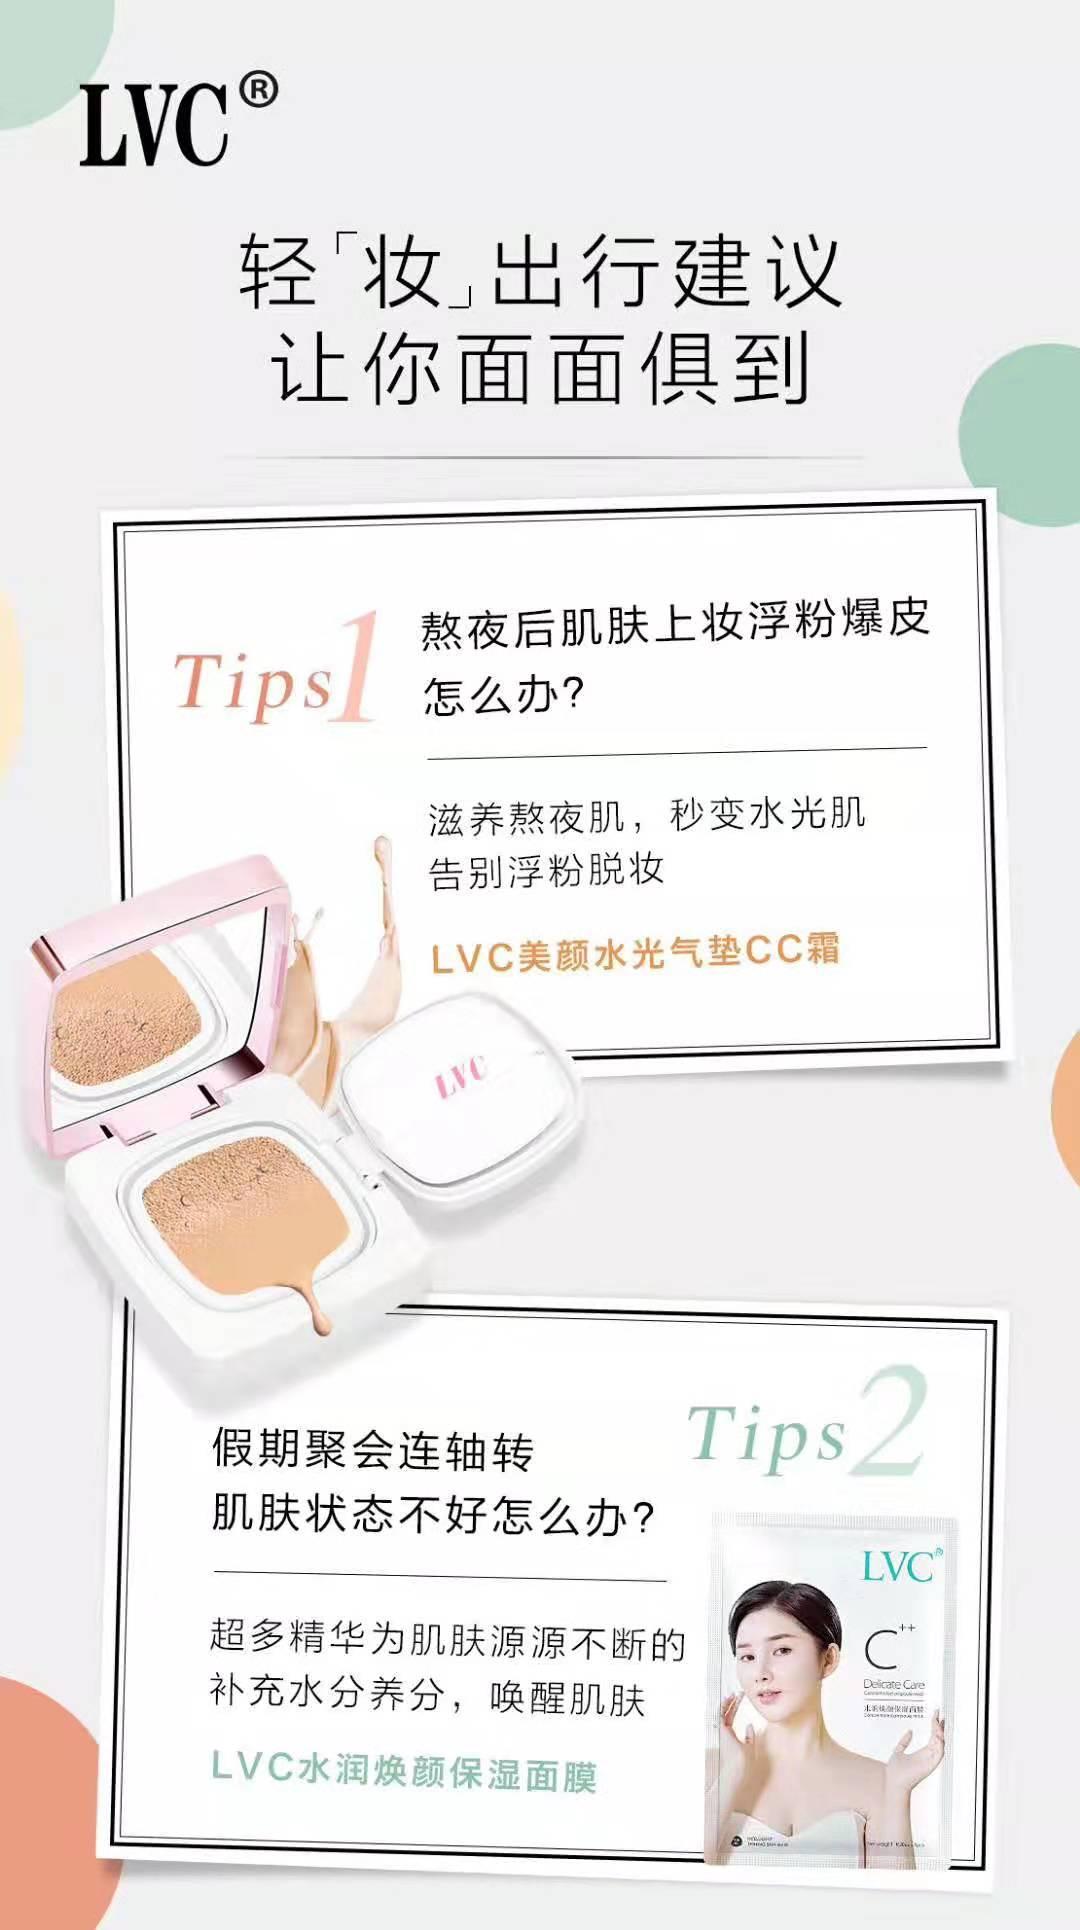 LVC美白祛斑套盒八大功效是什么?能消炎止痛吗?